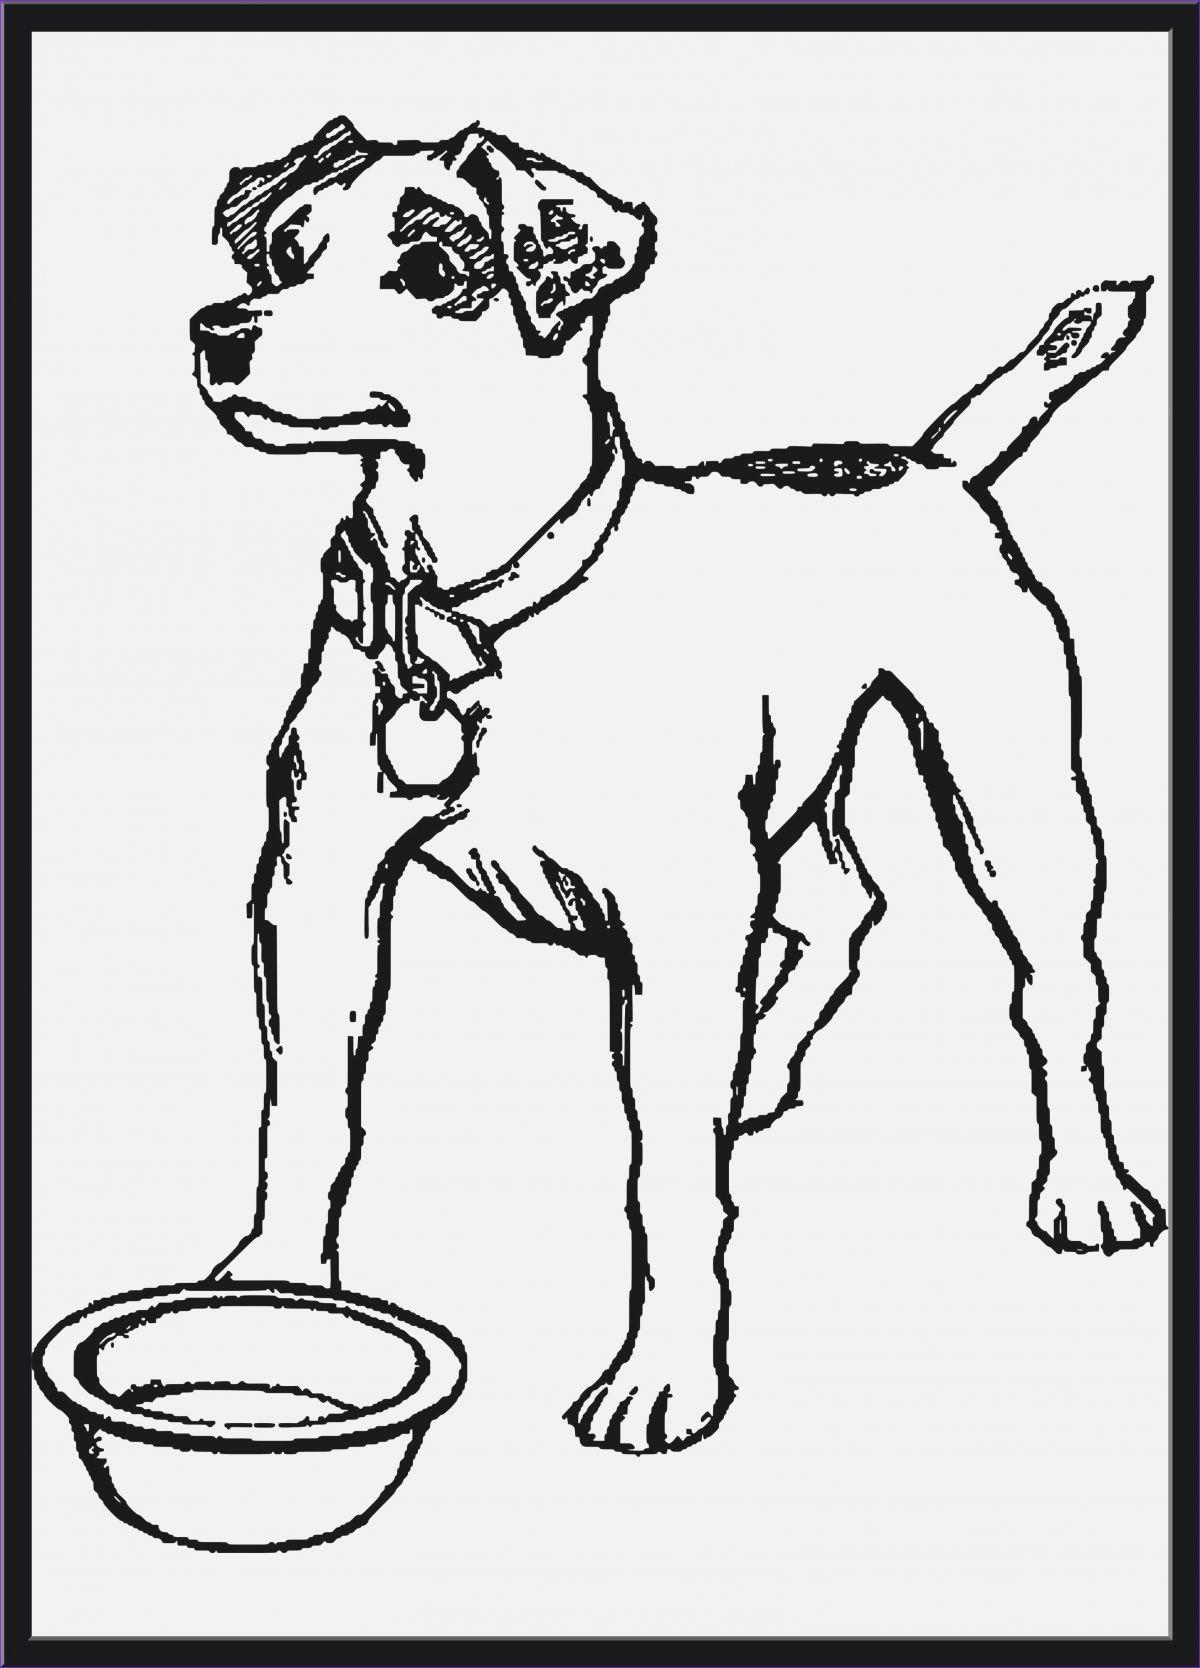 Ausmalbilder Zum Ausdrucken Hunde Einzigartig Hunde Ausmalbilder Zum Ausdrucken Uploadertalk Inspirierend Fotografieren